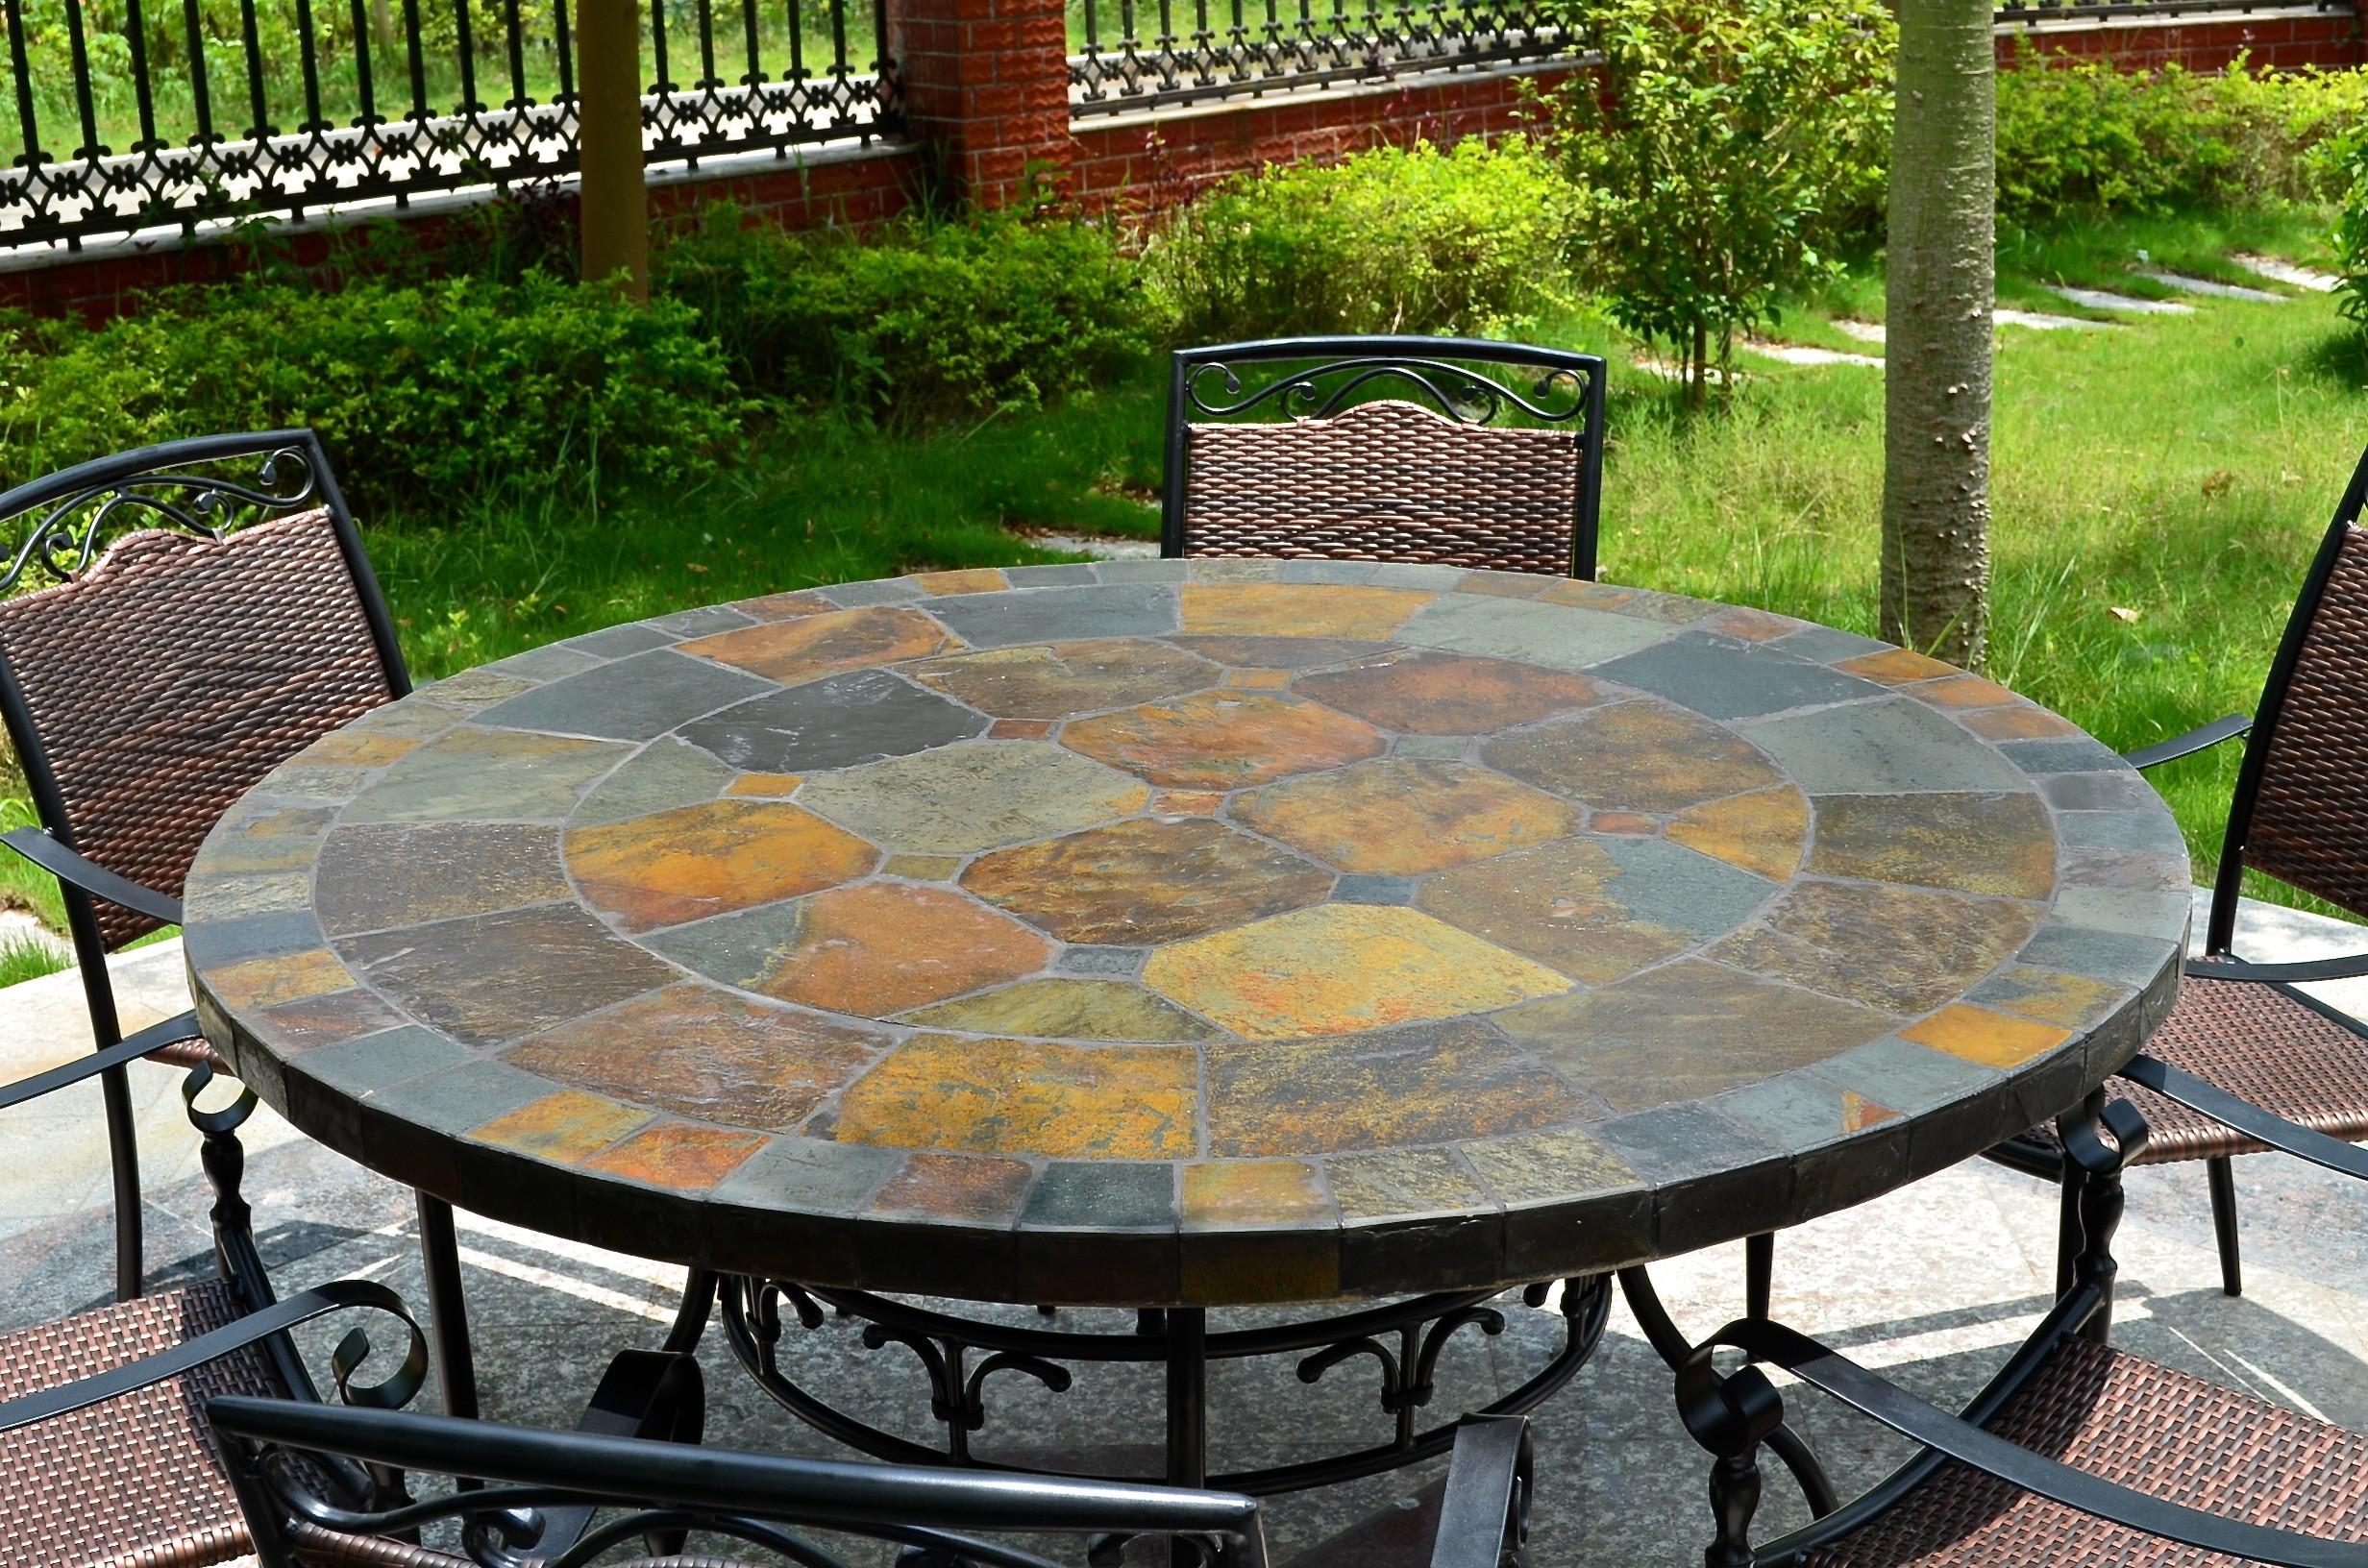 Table de jardin ronde mosaïque d\'ardoise 125-160 OCEANE